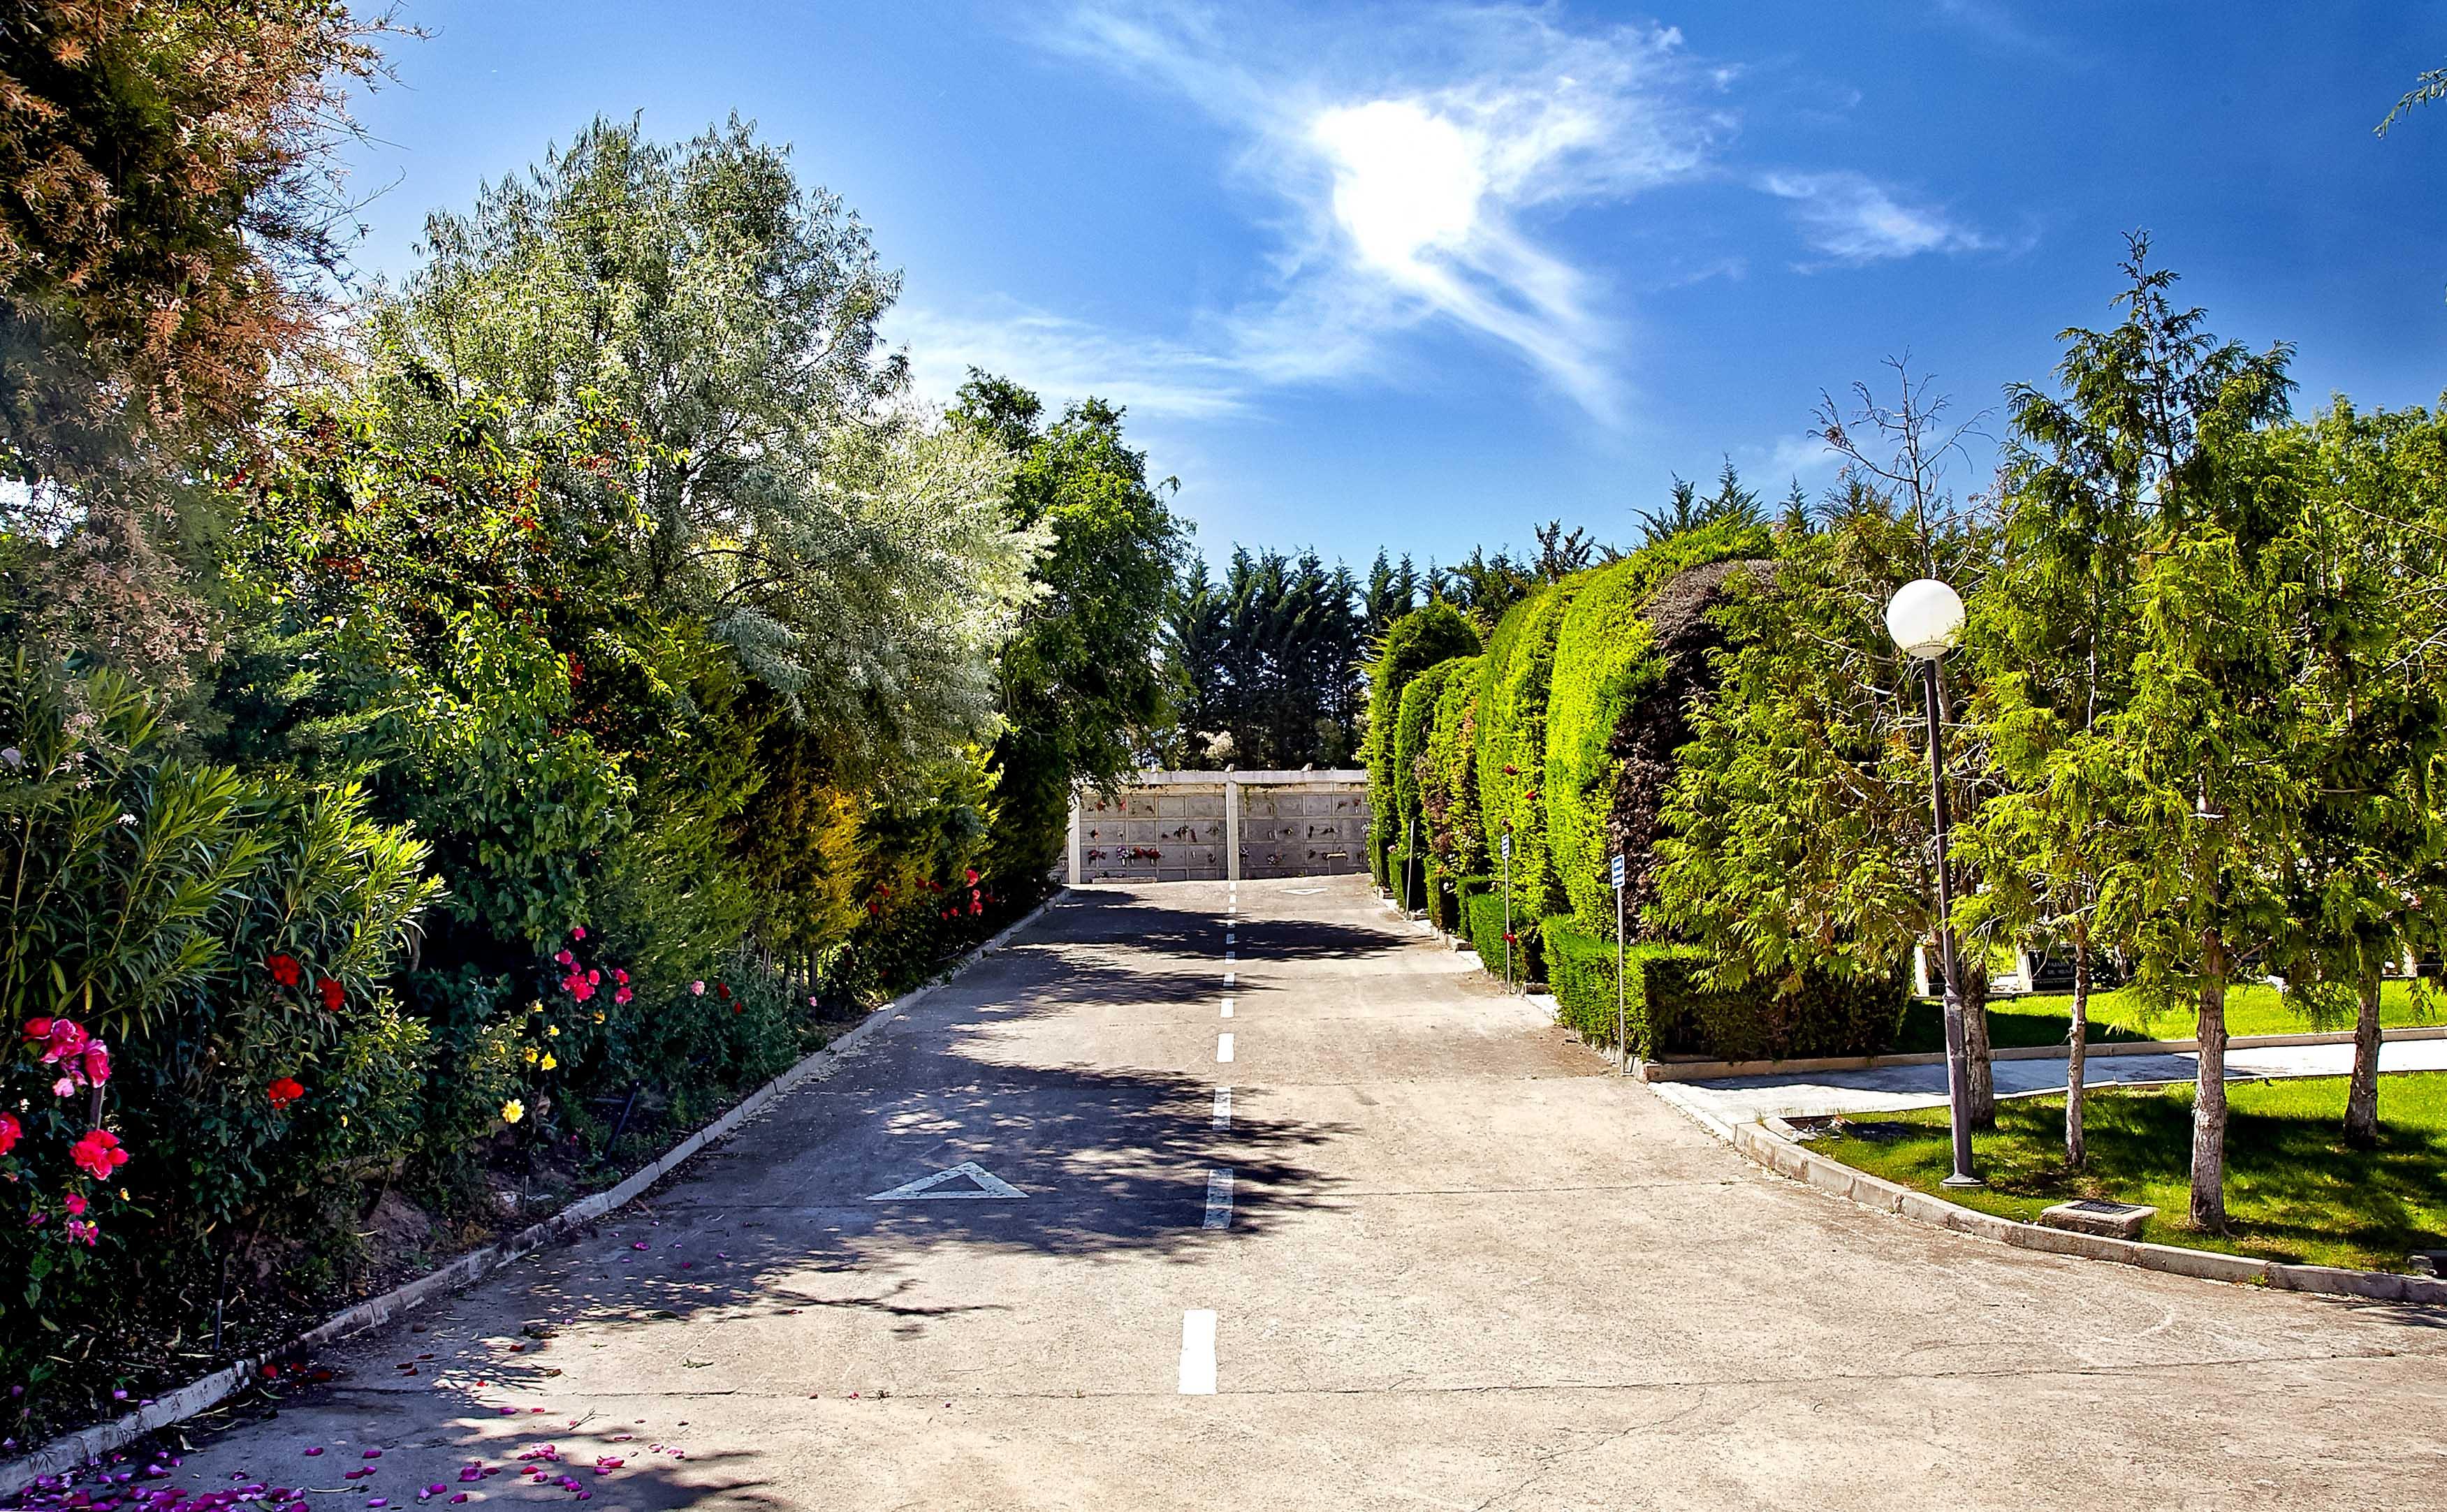 Cementerio jard n parque el salvador grupo el salvador for Cementerio jardin